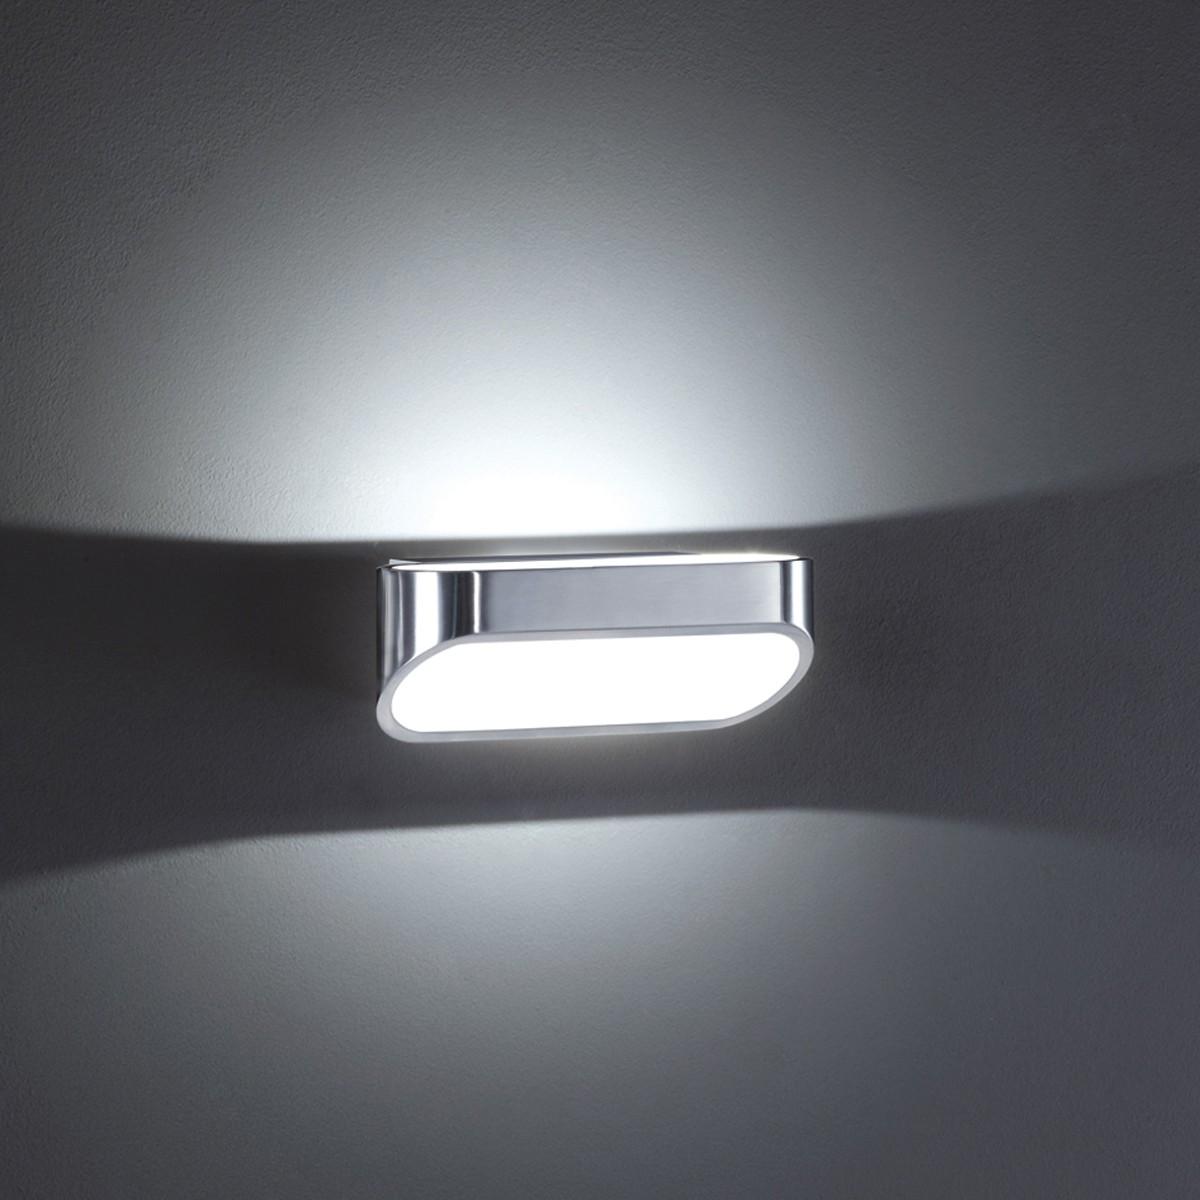 Helestra Onno Wandleuchte, Aluminium poliert / weiß matt, Länge: 18 cm